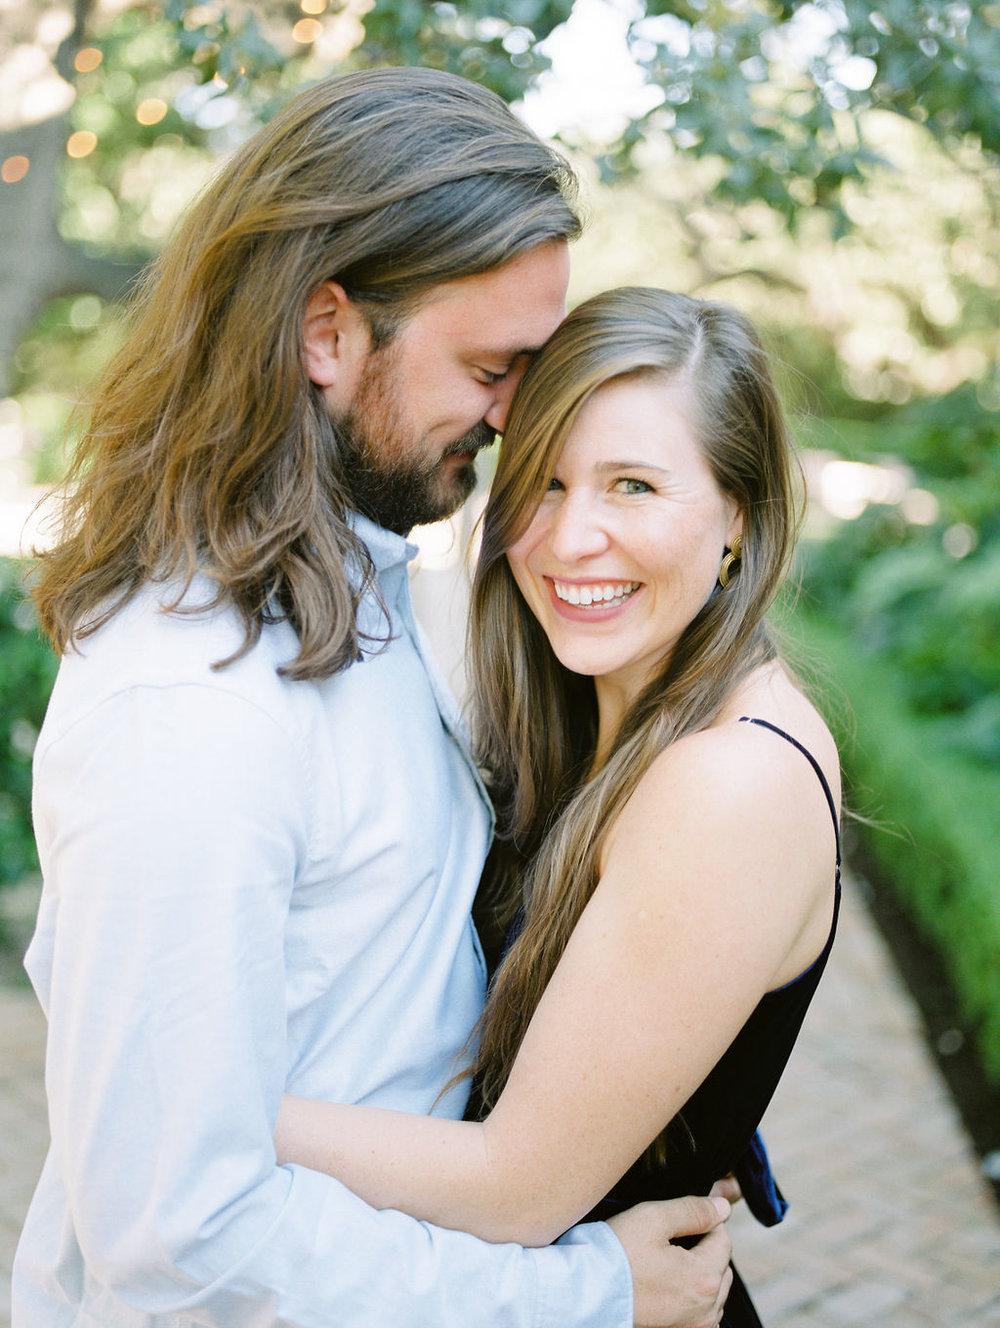 Austin-Film-Wedding-Engagement-Photographer-Mattie's-Green-Pastures-9.jpg